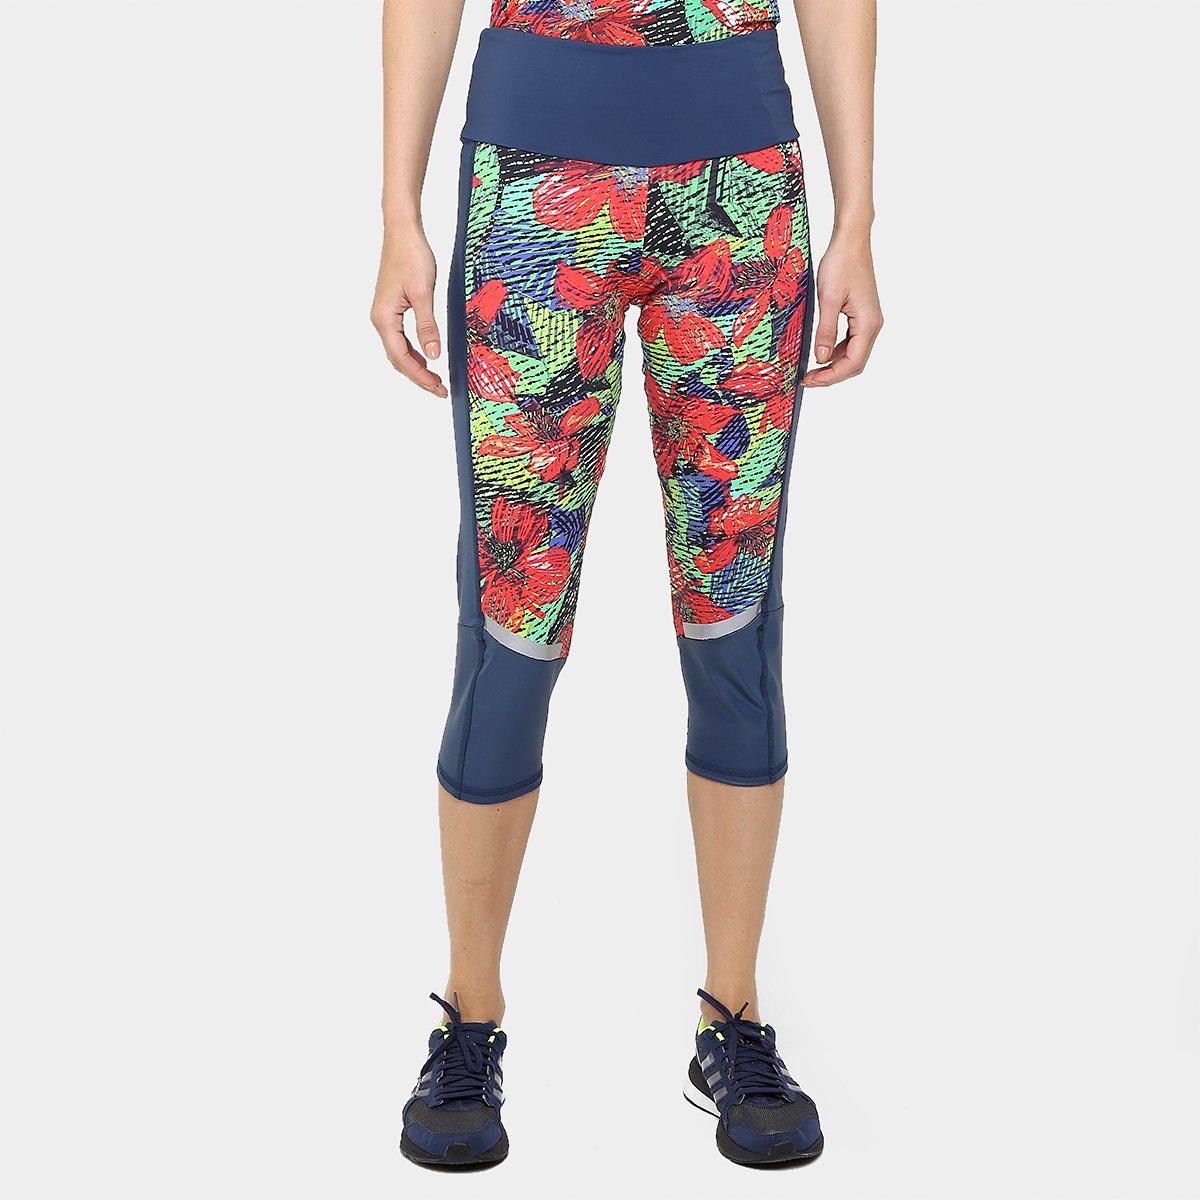 afce2fb6715 Calça Corsário Adidas Salinas Feminina - Compre Agora